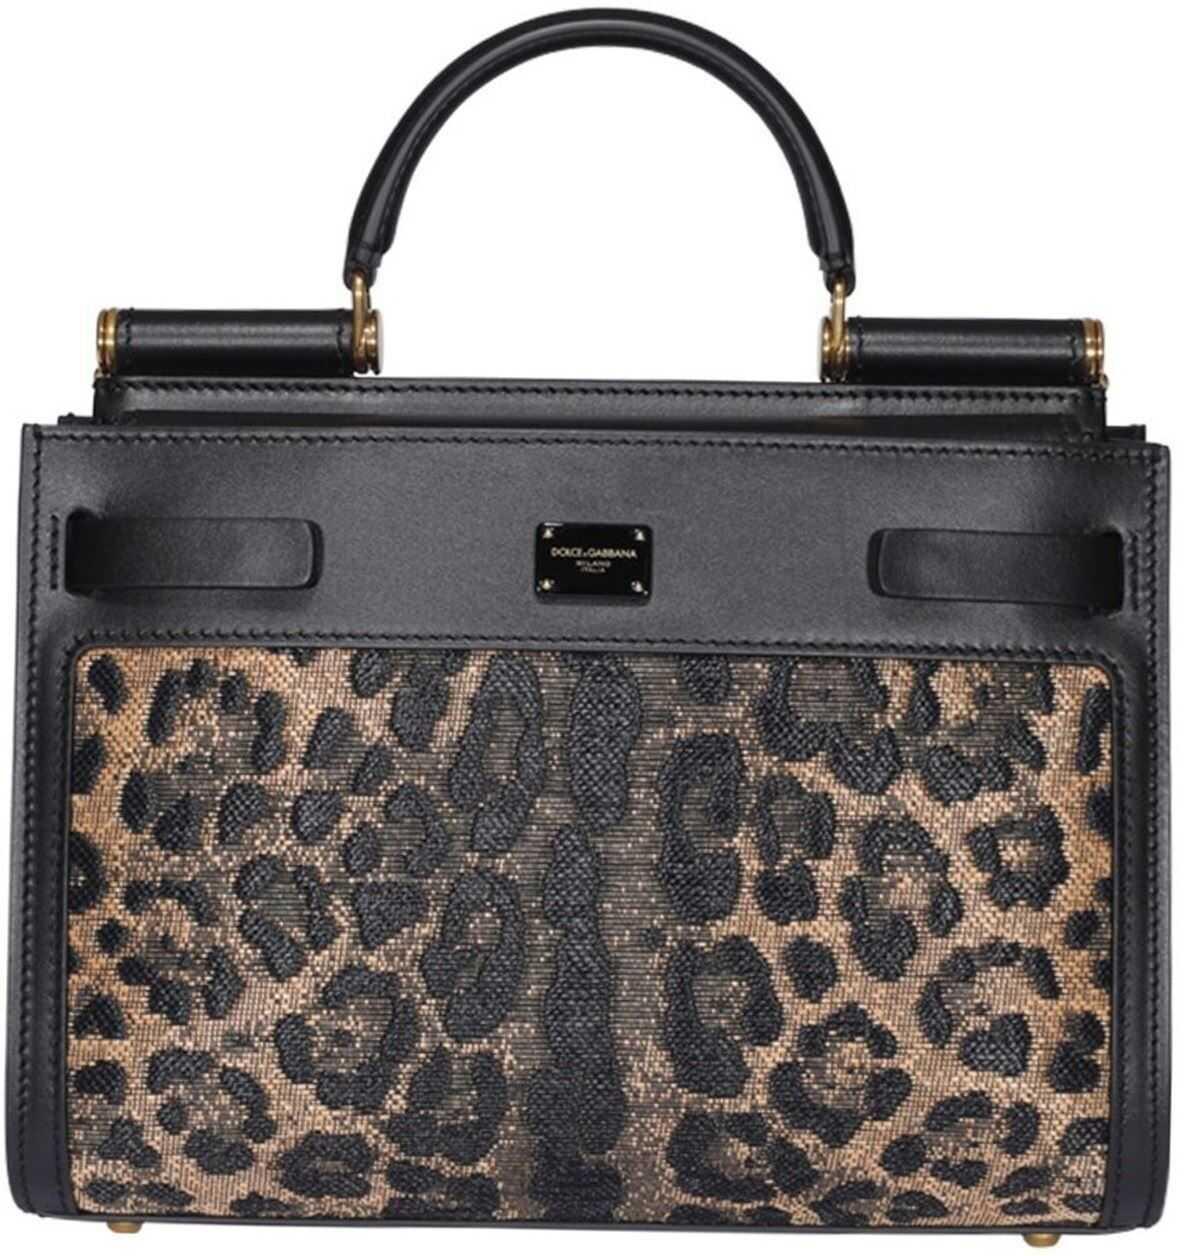 Dolce & Gabbana Sicily 62 Small Bag In Black Animal print